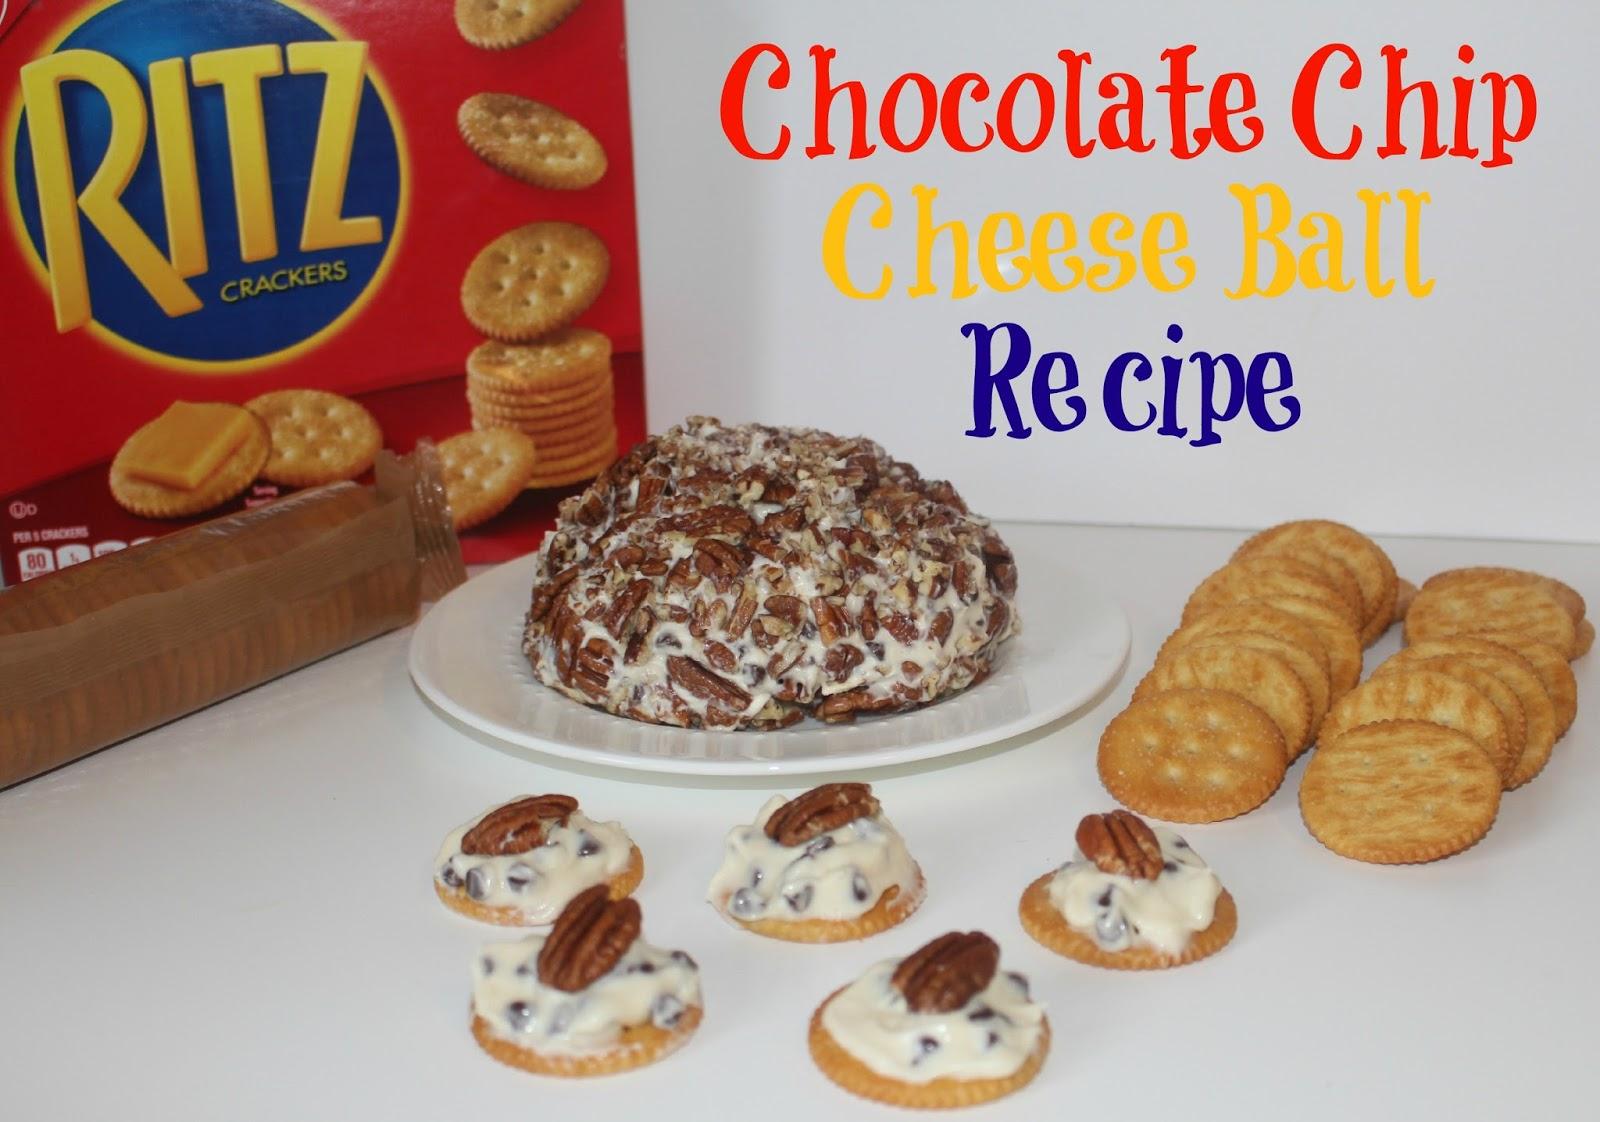 Chocolate2BChip2BCheese2BBall2BRecipe